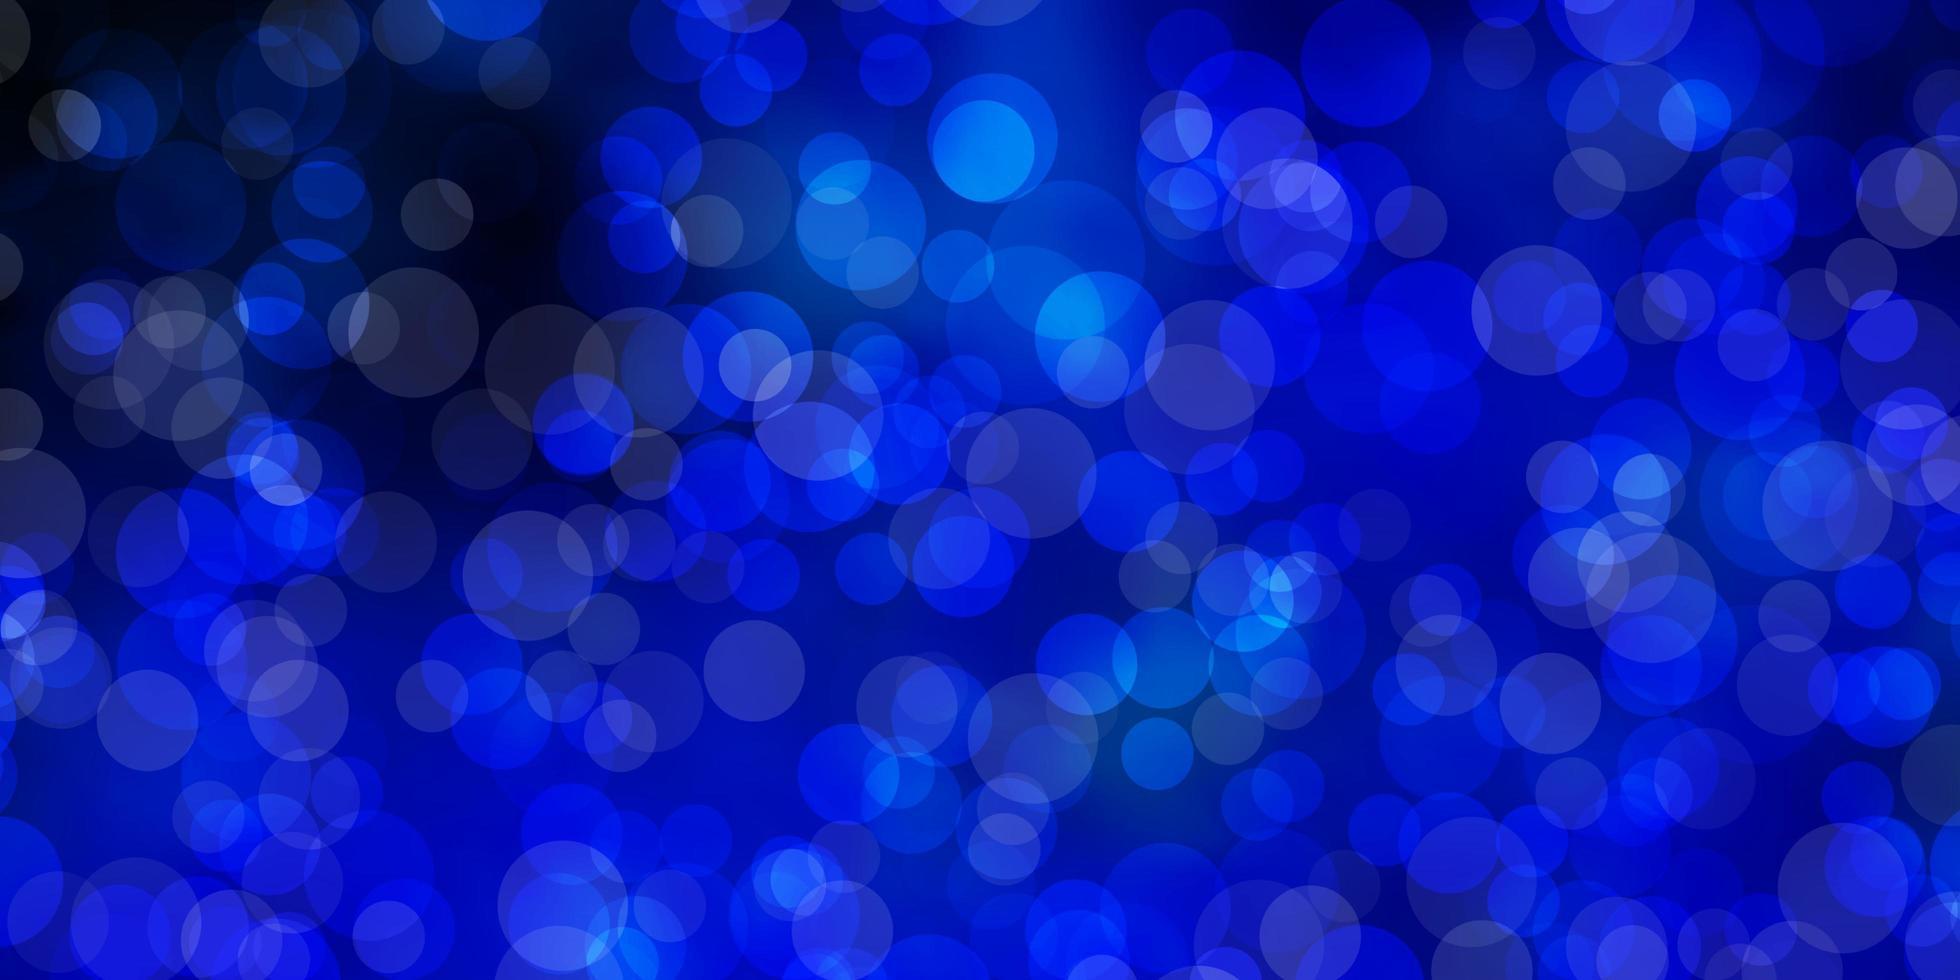 fundo vector azul escuro com bolhas.